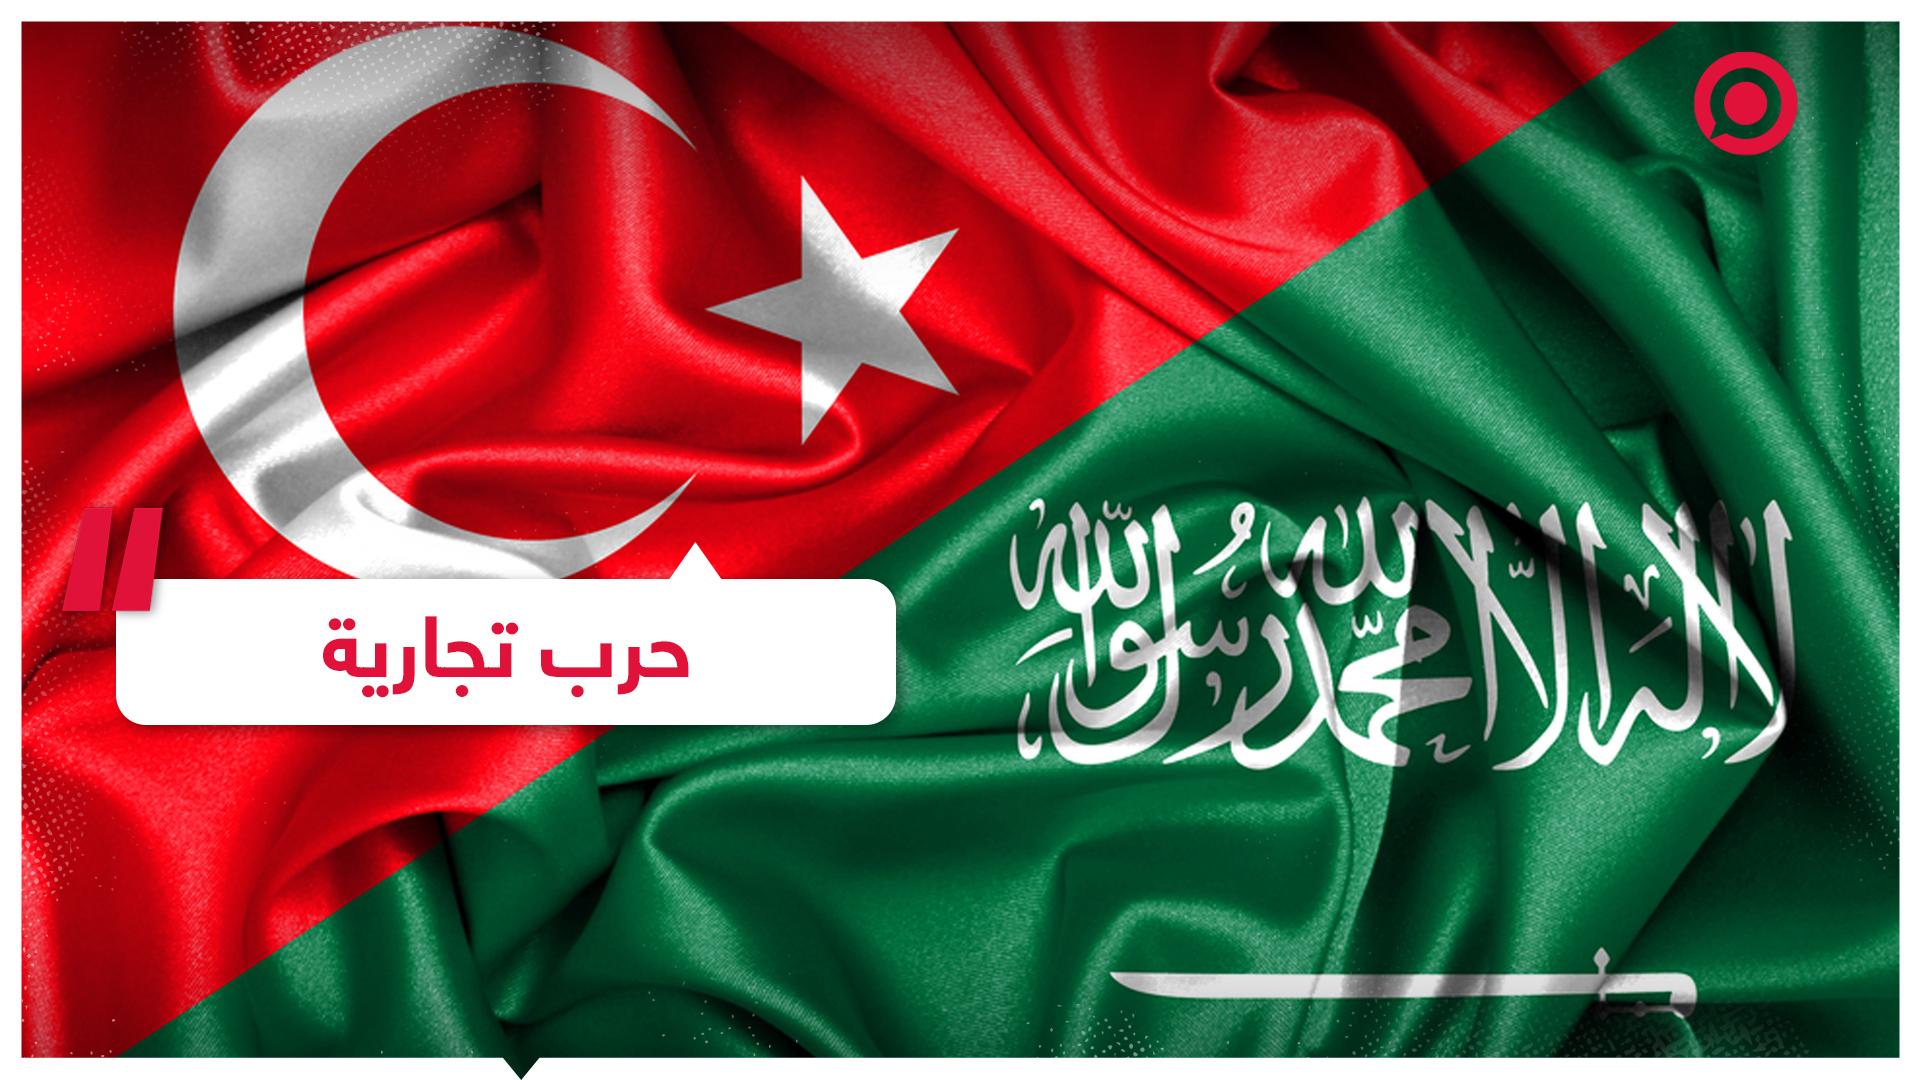 بوادر حرب تجارية بين تركيا والسعودية